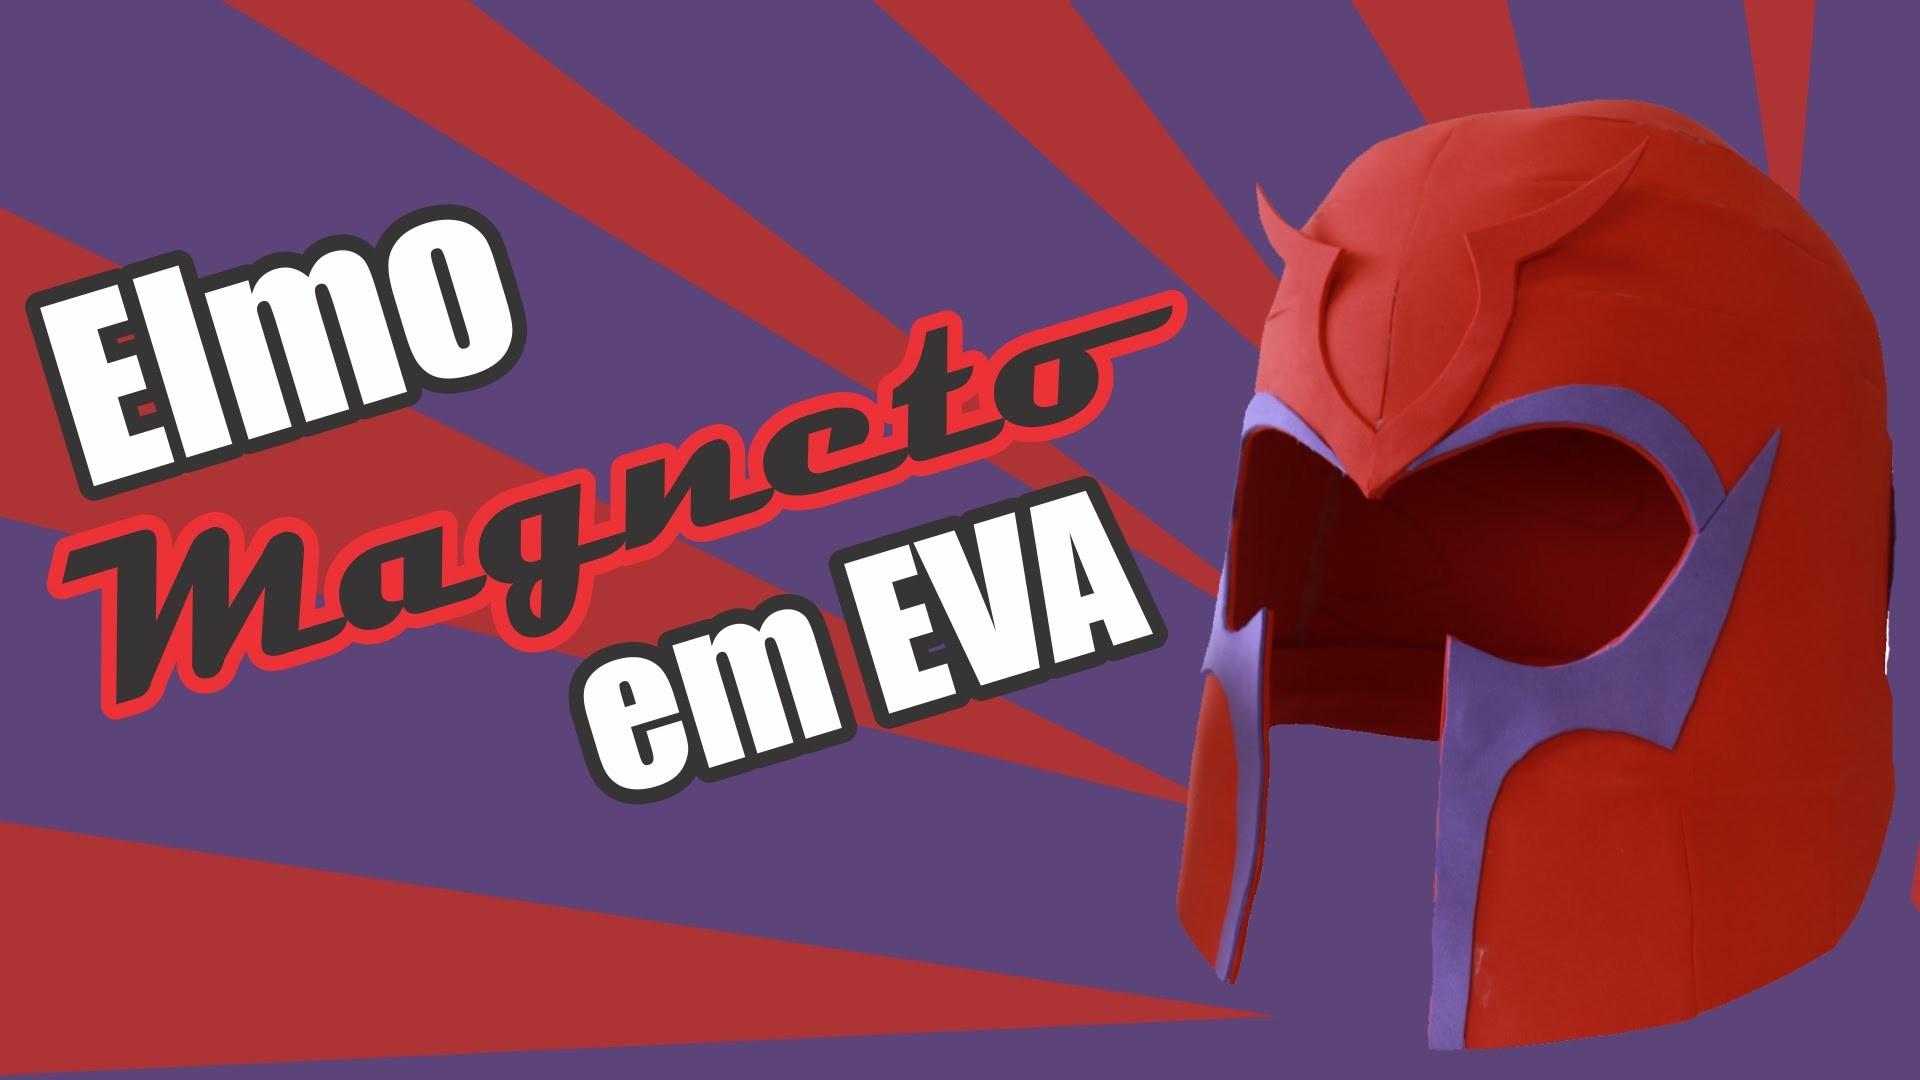 Elmo Magneto - Cardboard em EVA - DIY